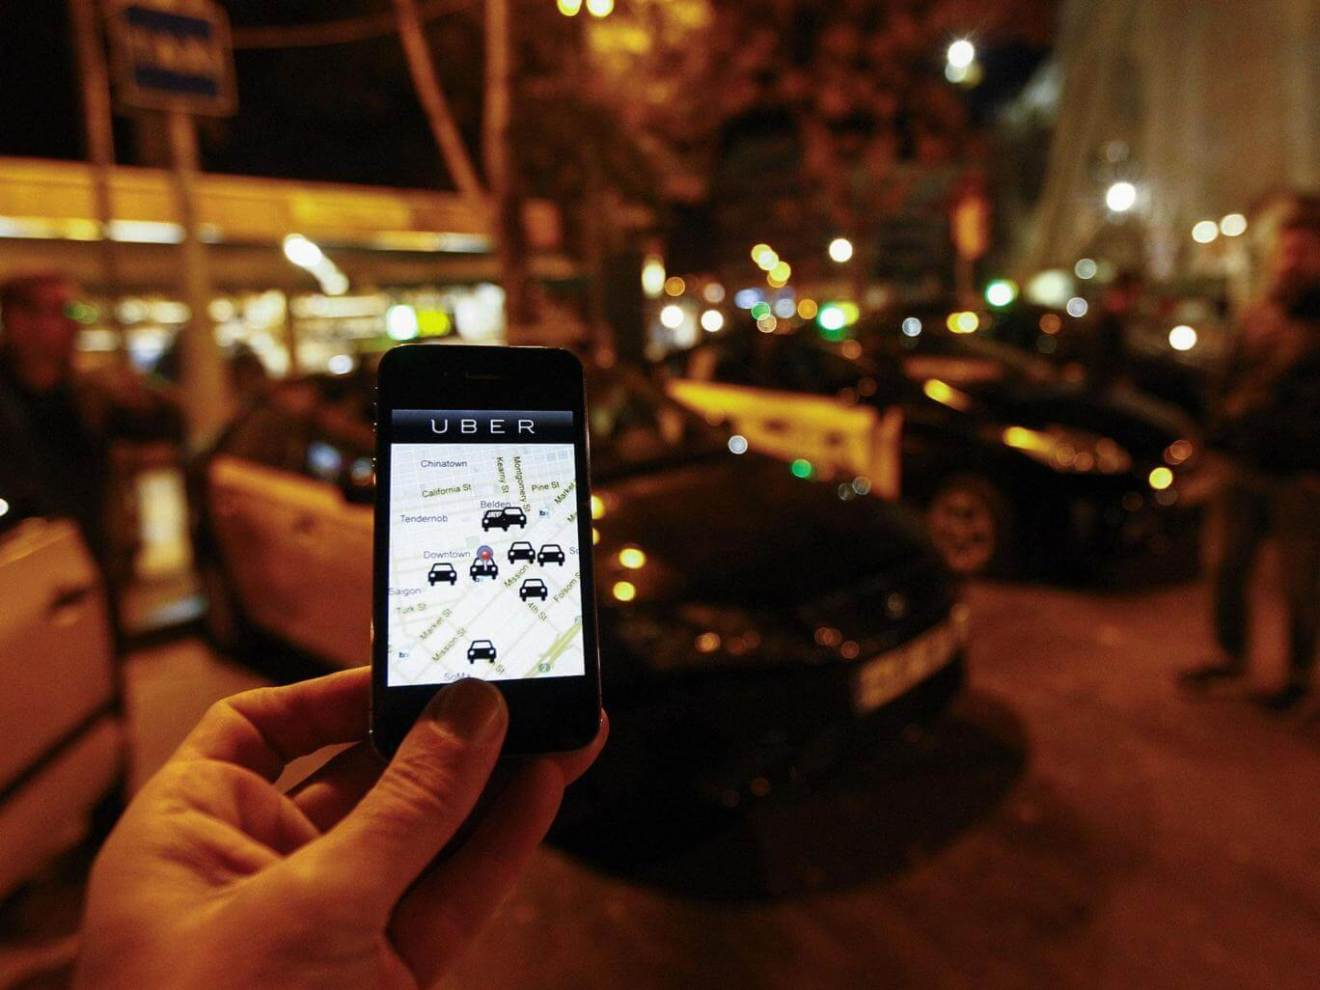 uber - Reino Unido obriga Uber a pagar salário mínimo, direitos trabalhistas e férias remuneradas